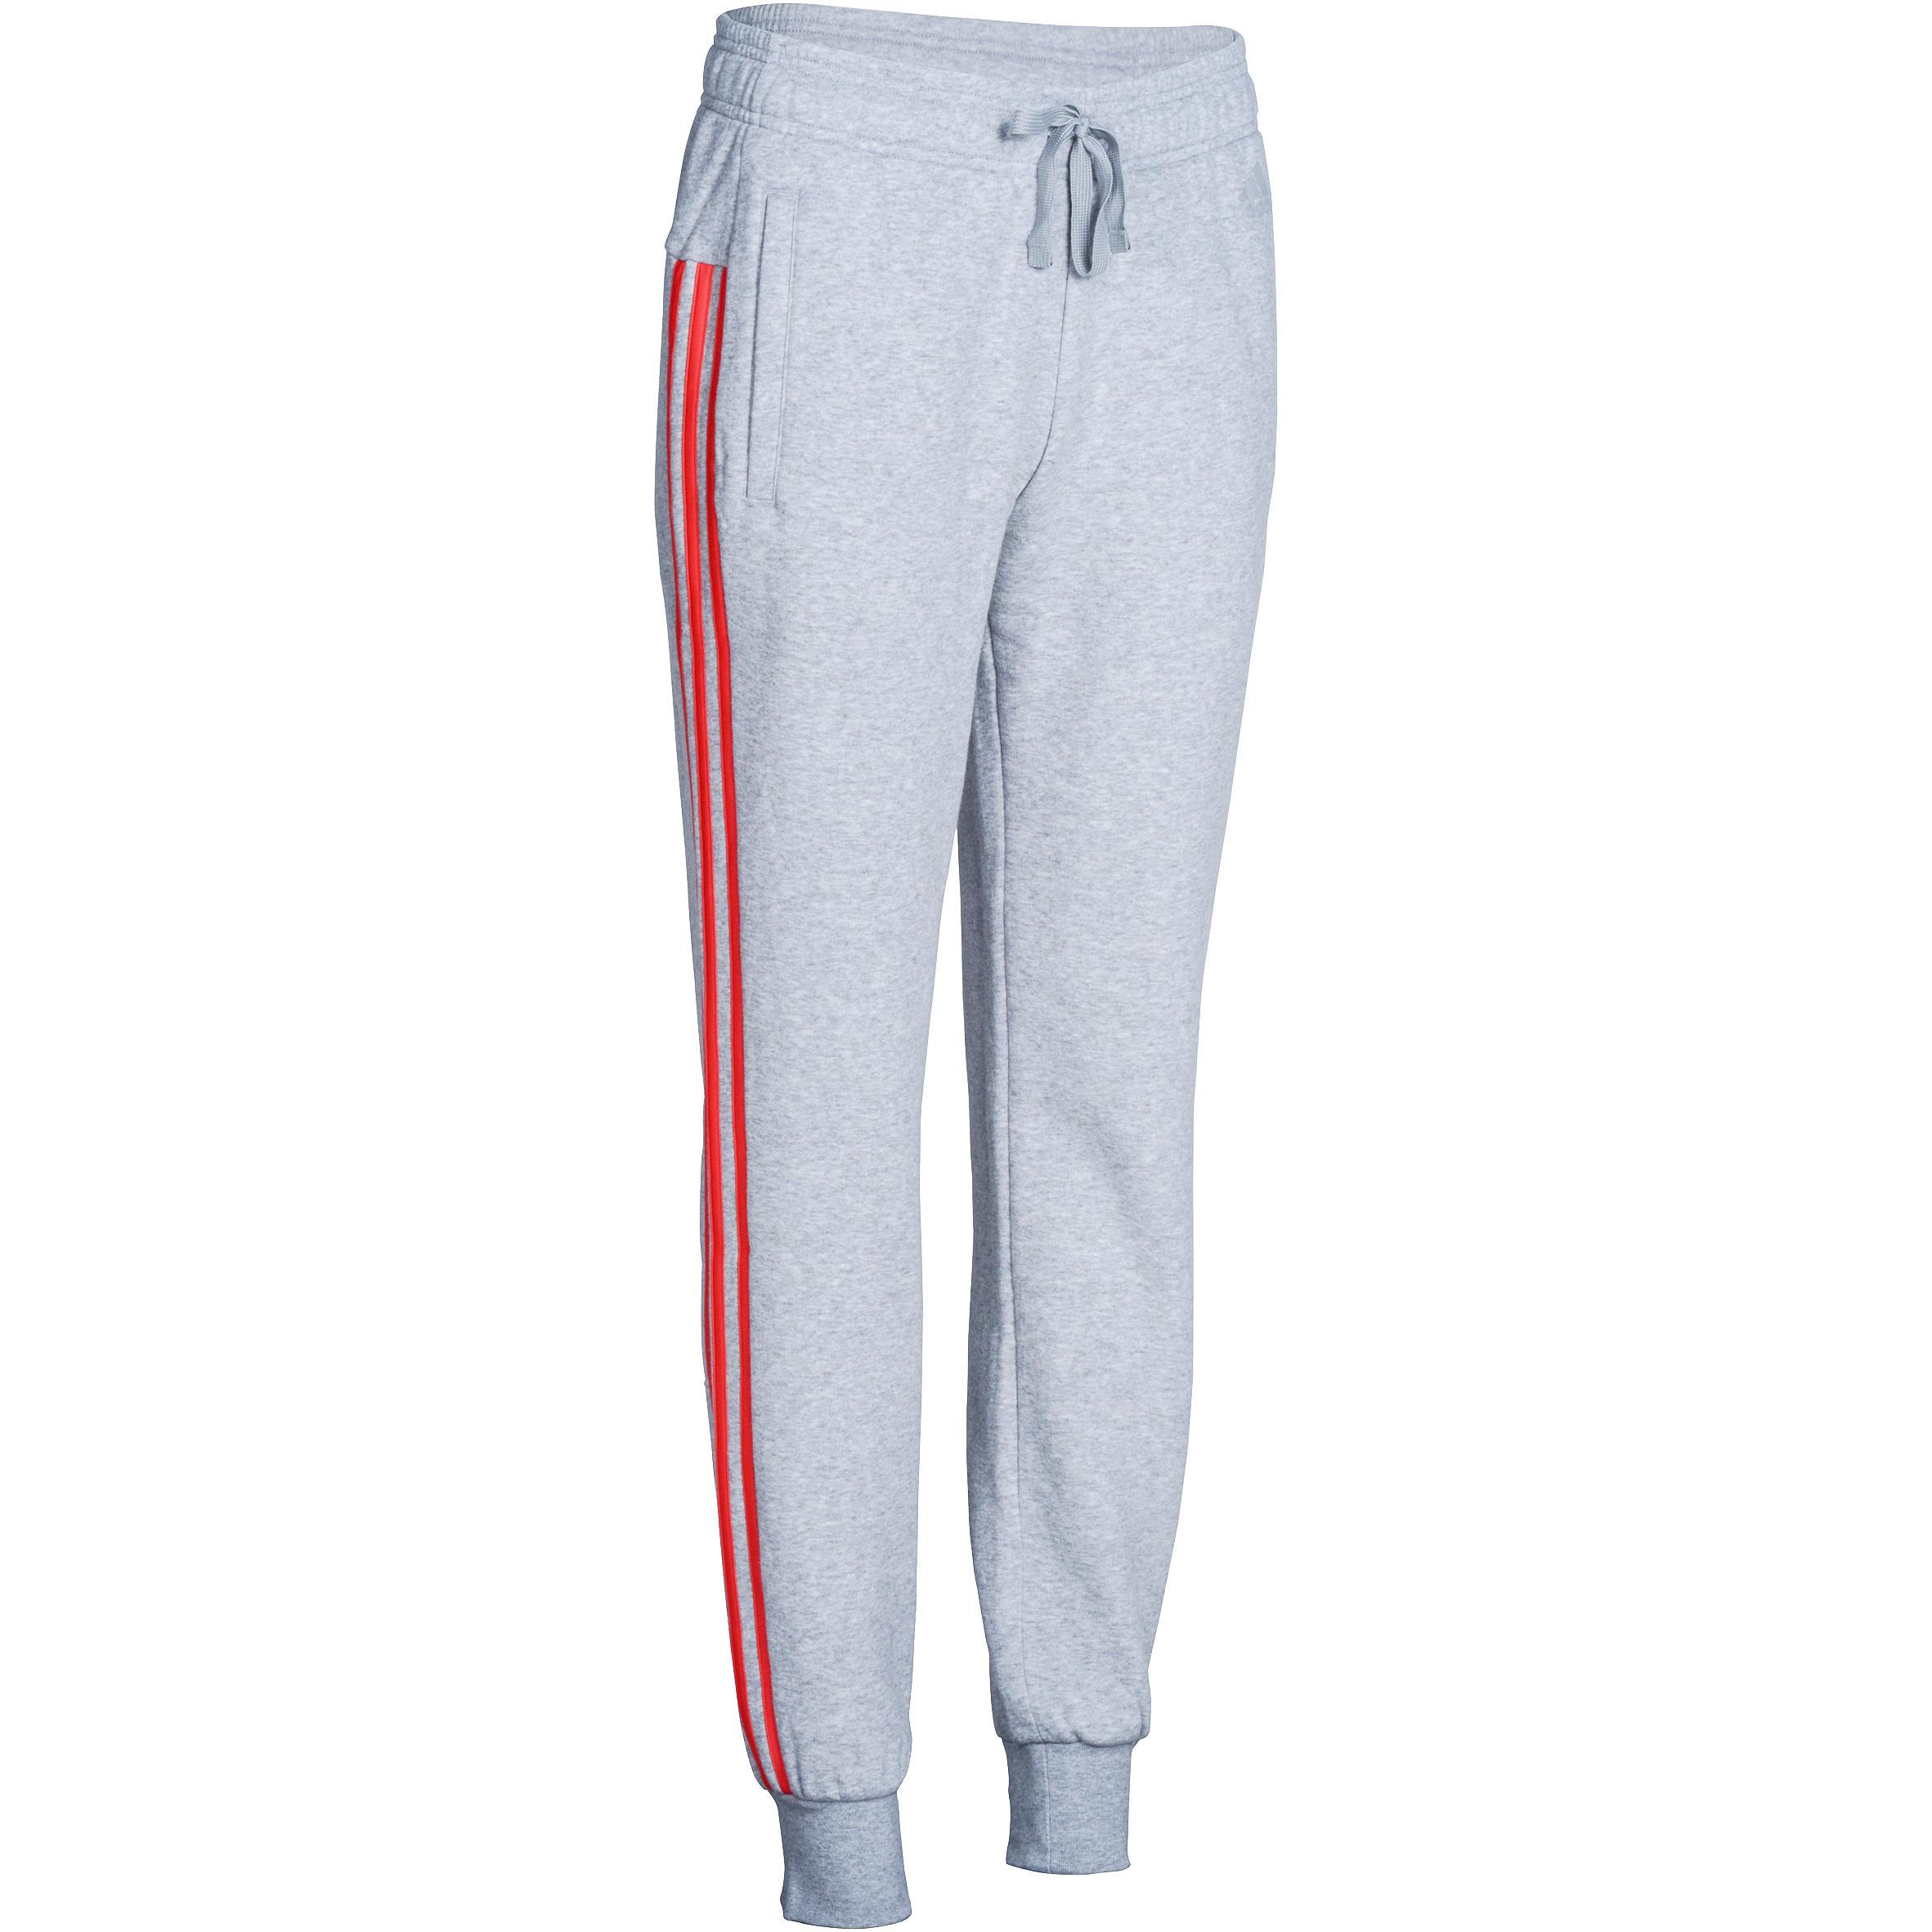 Fitnessbroek voor dames grijs-roze